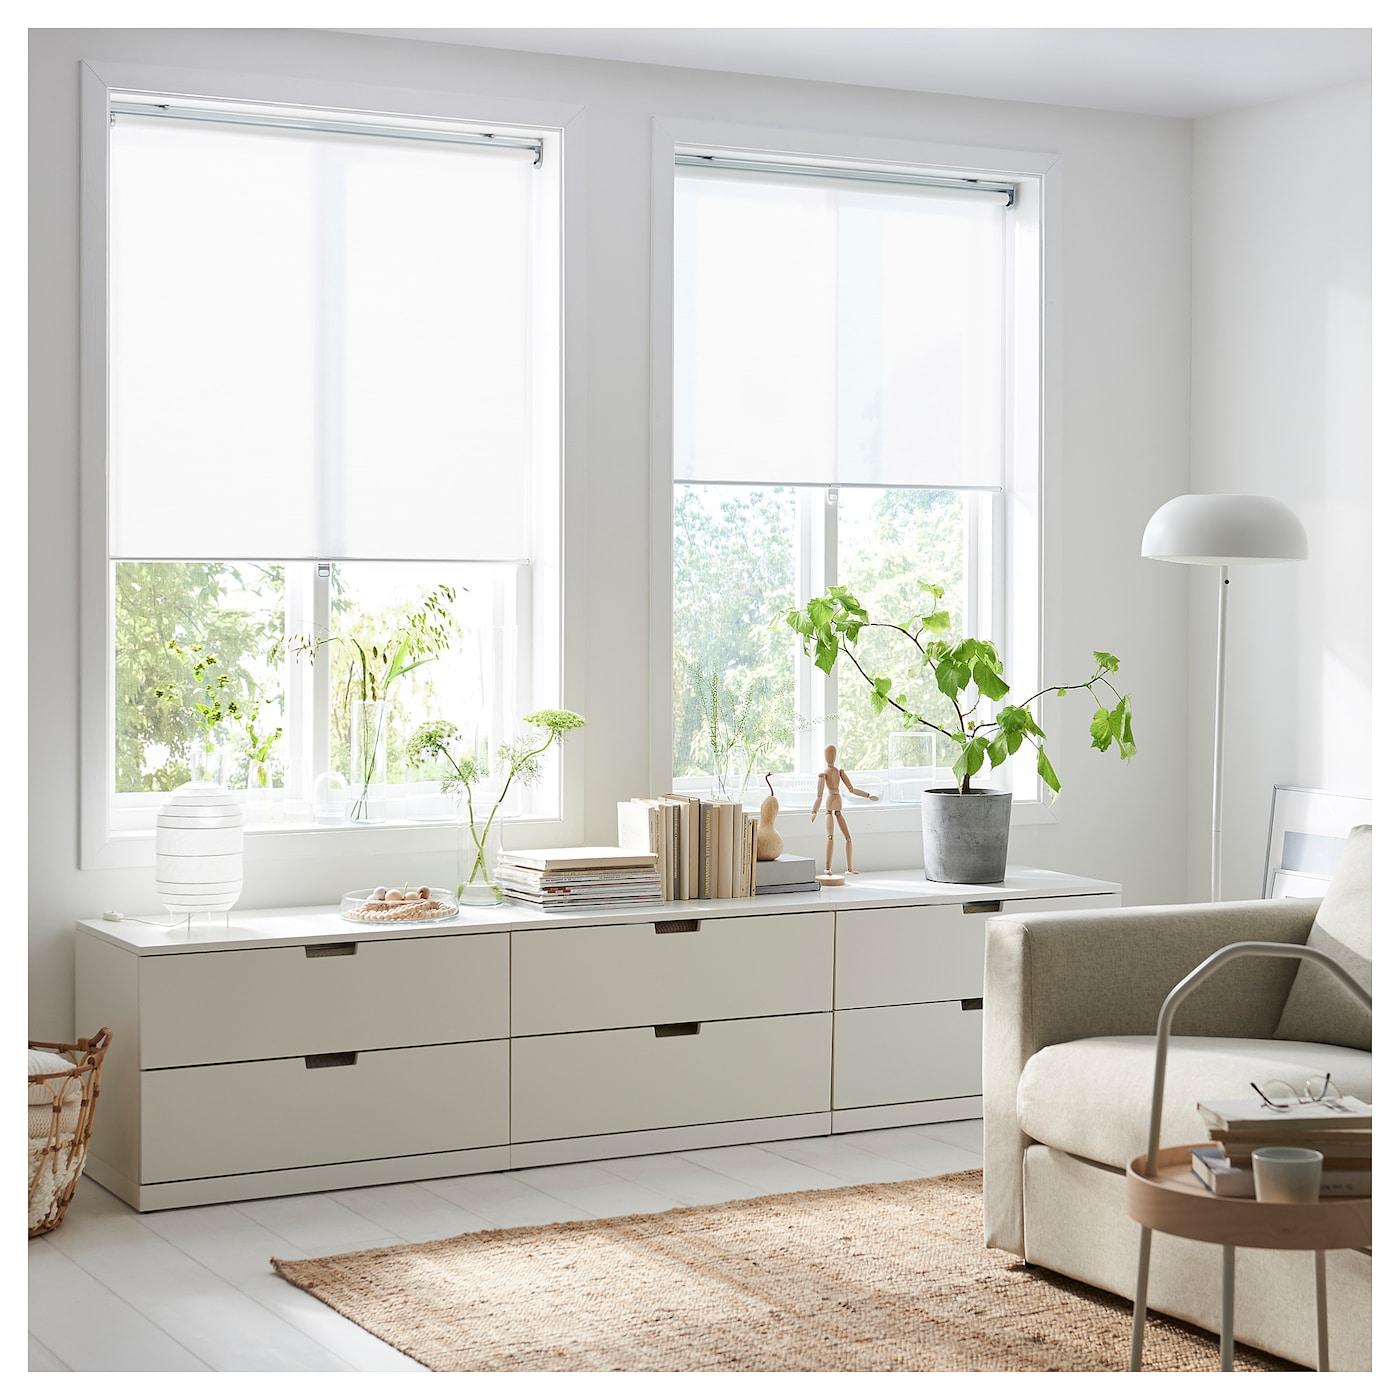 SKOGSKLÖVER Rolgordijn, wit, 100x195 cm